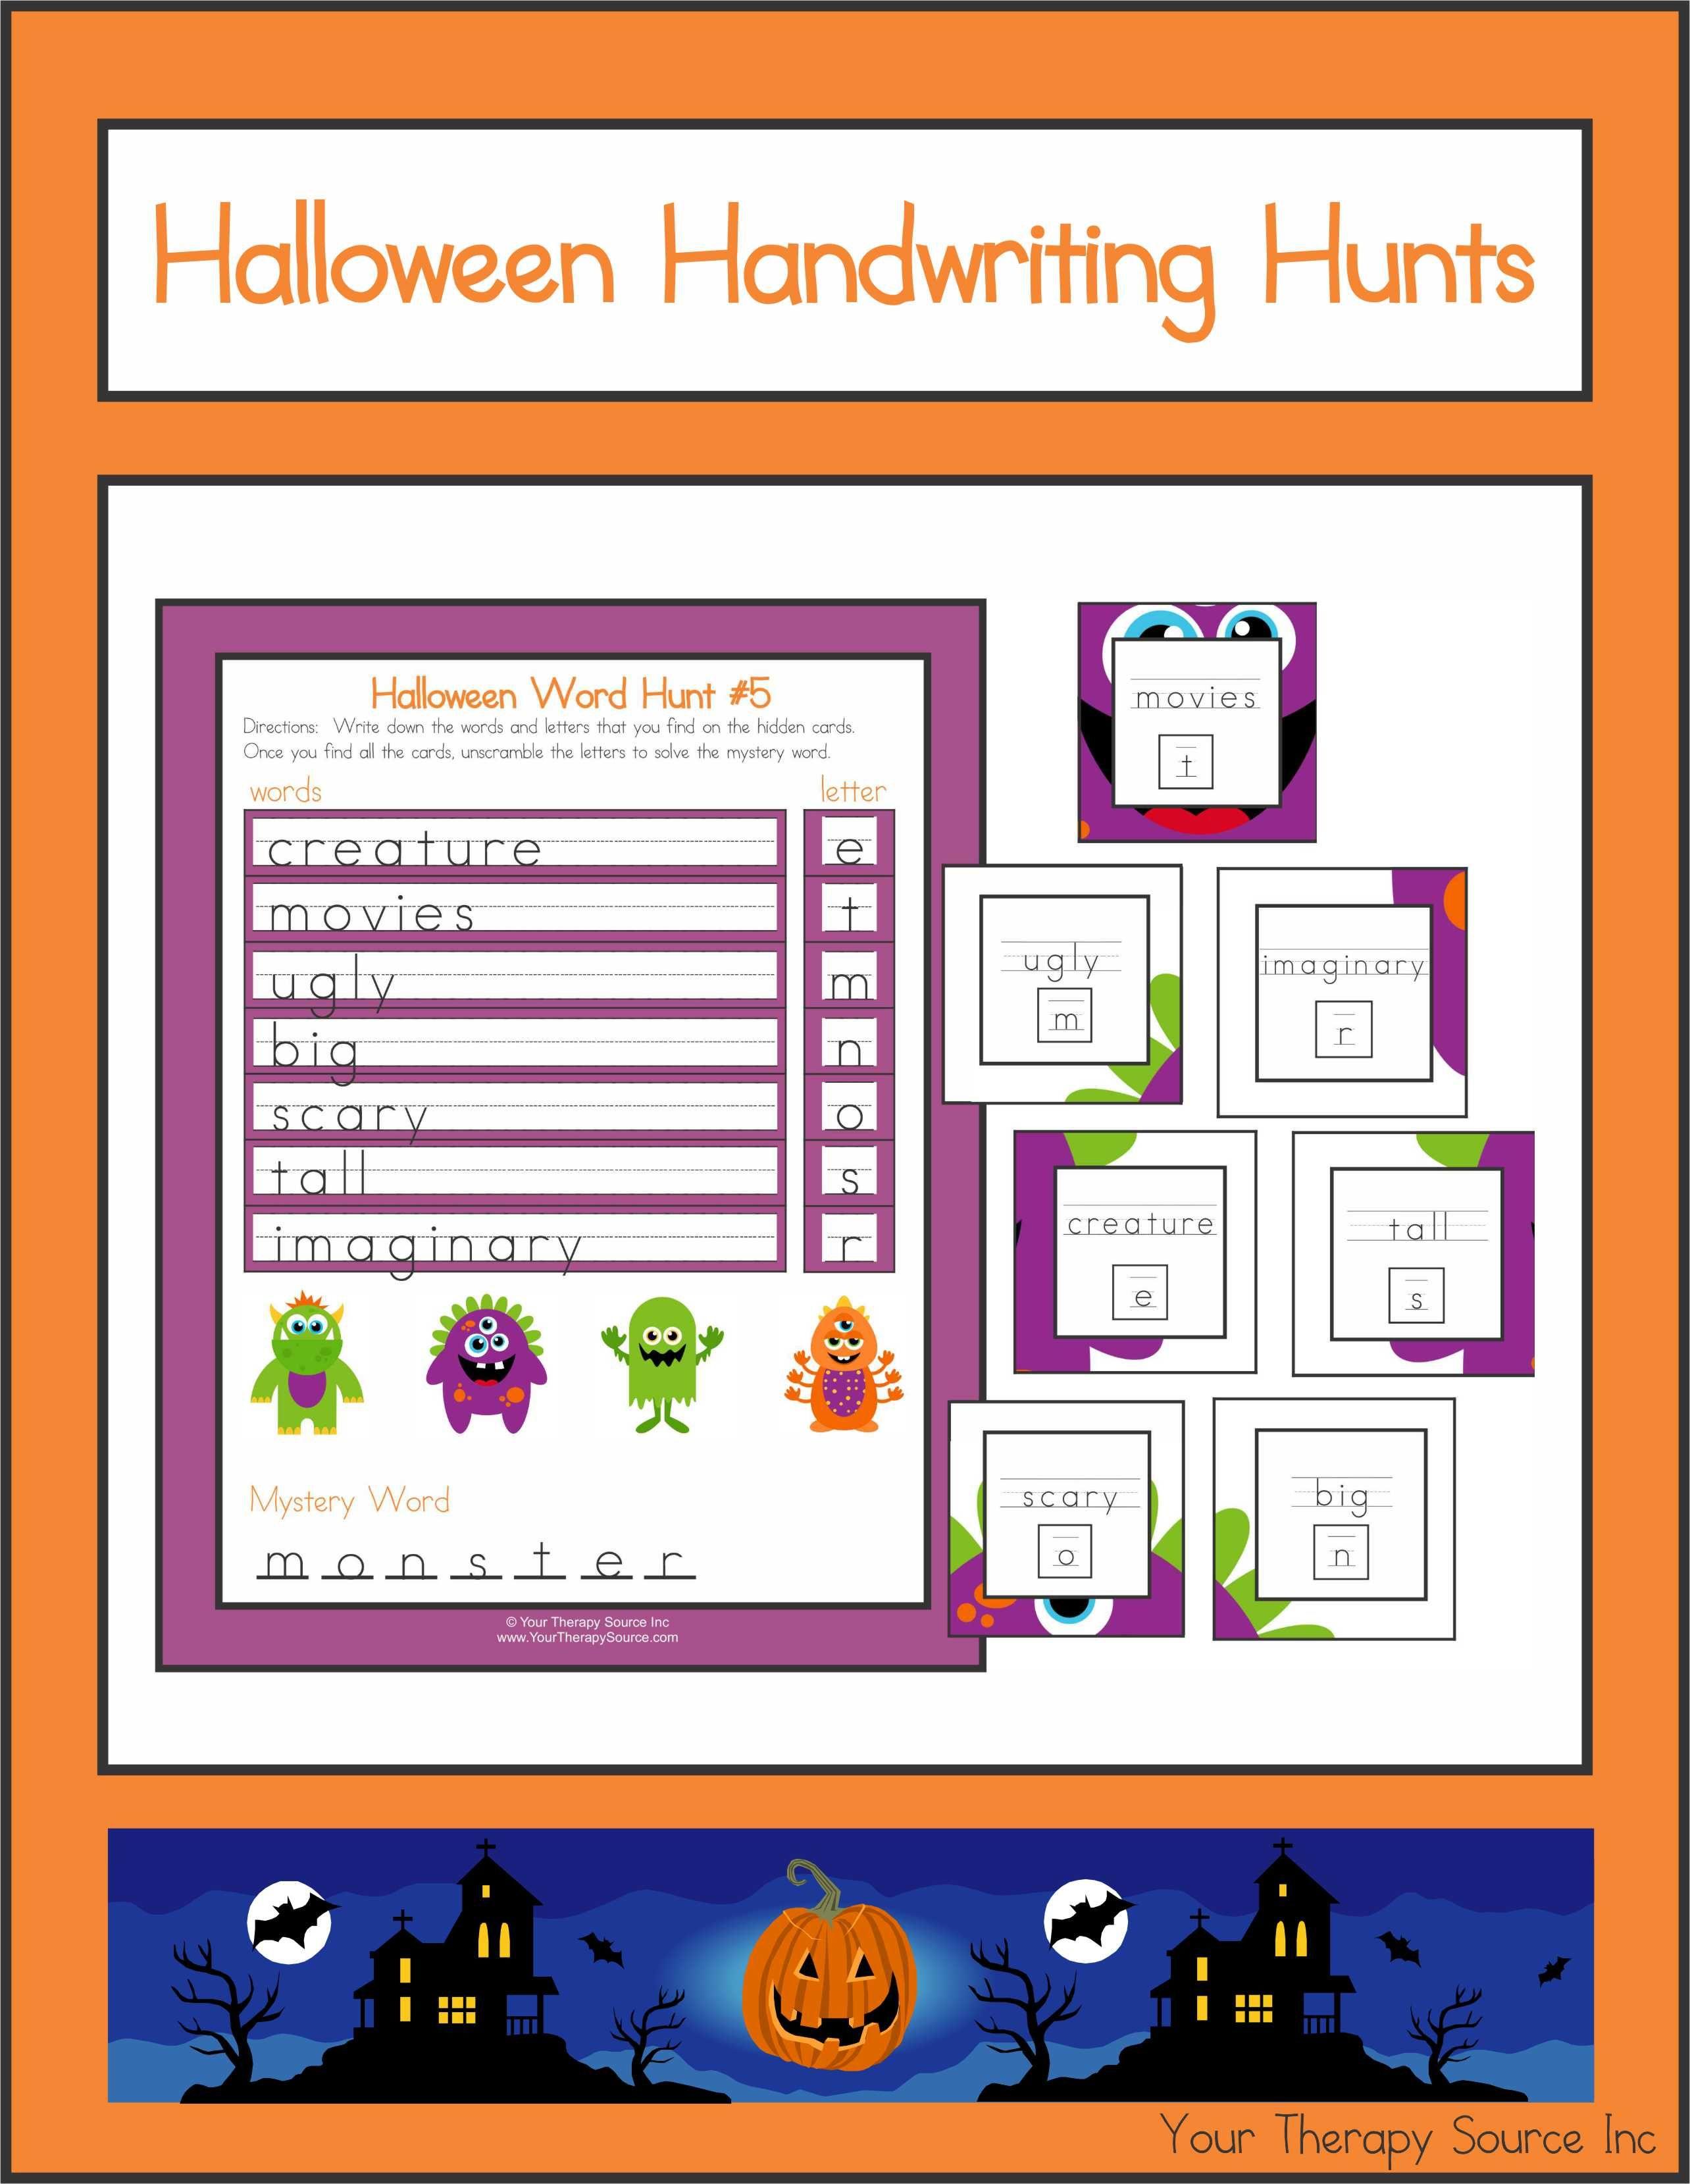 Halloween Handwriting Hunts